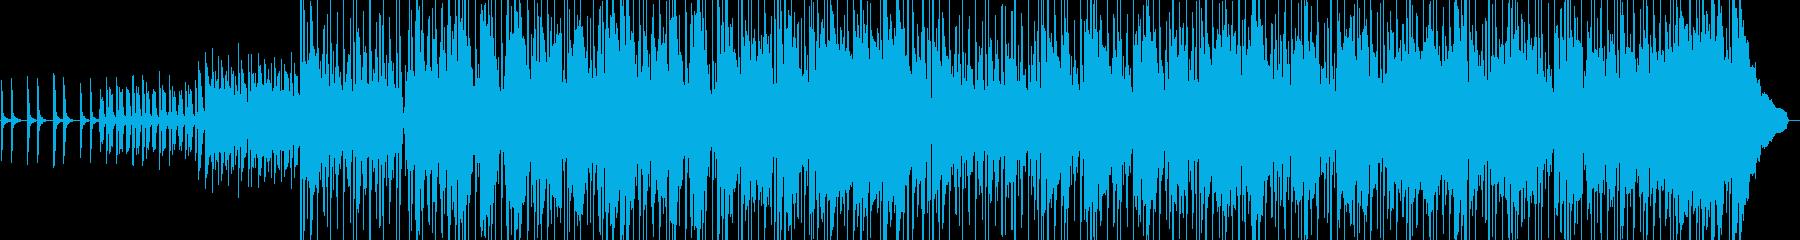 現代的なジャズファンクトラック。ラ...の再生済みの波形